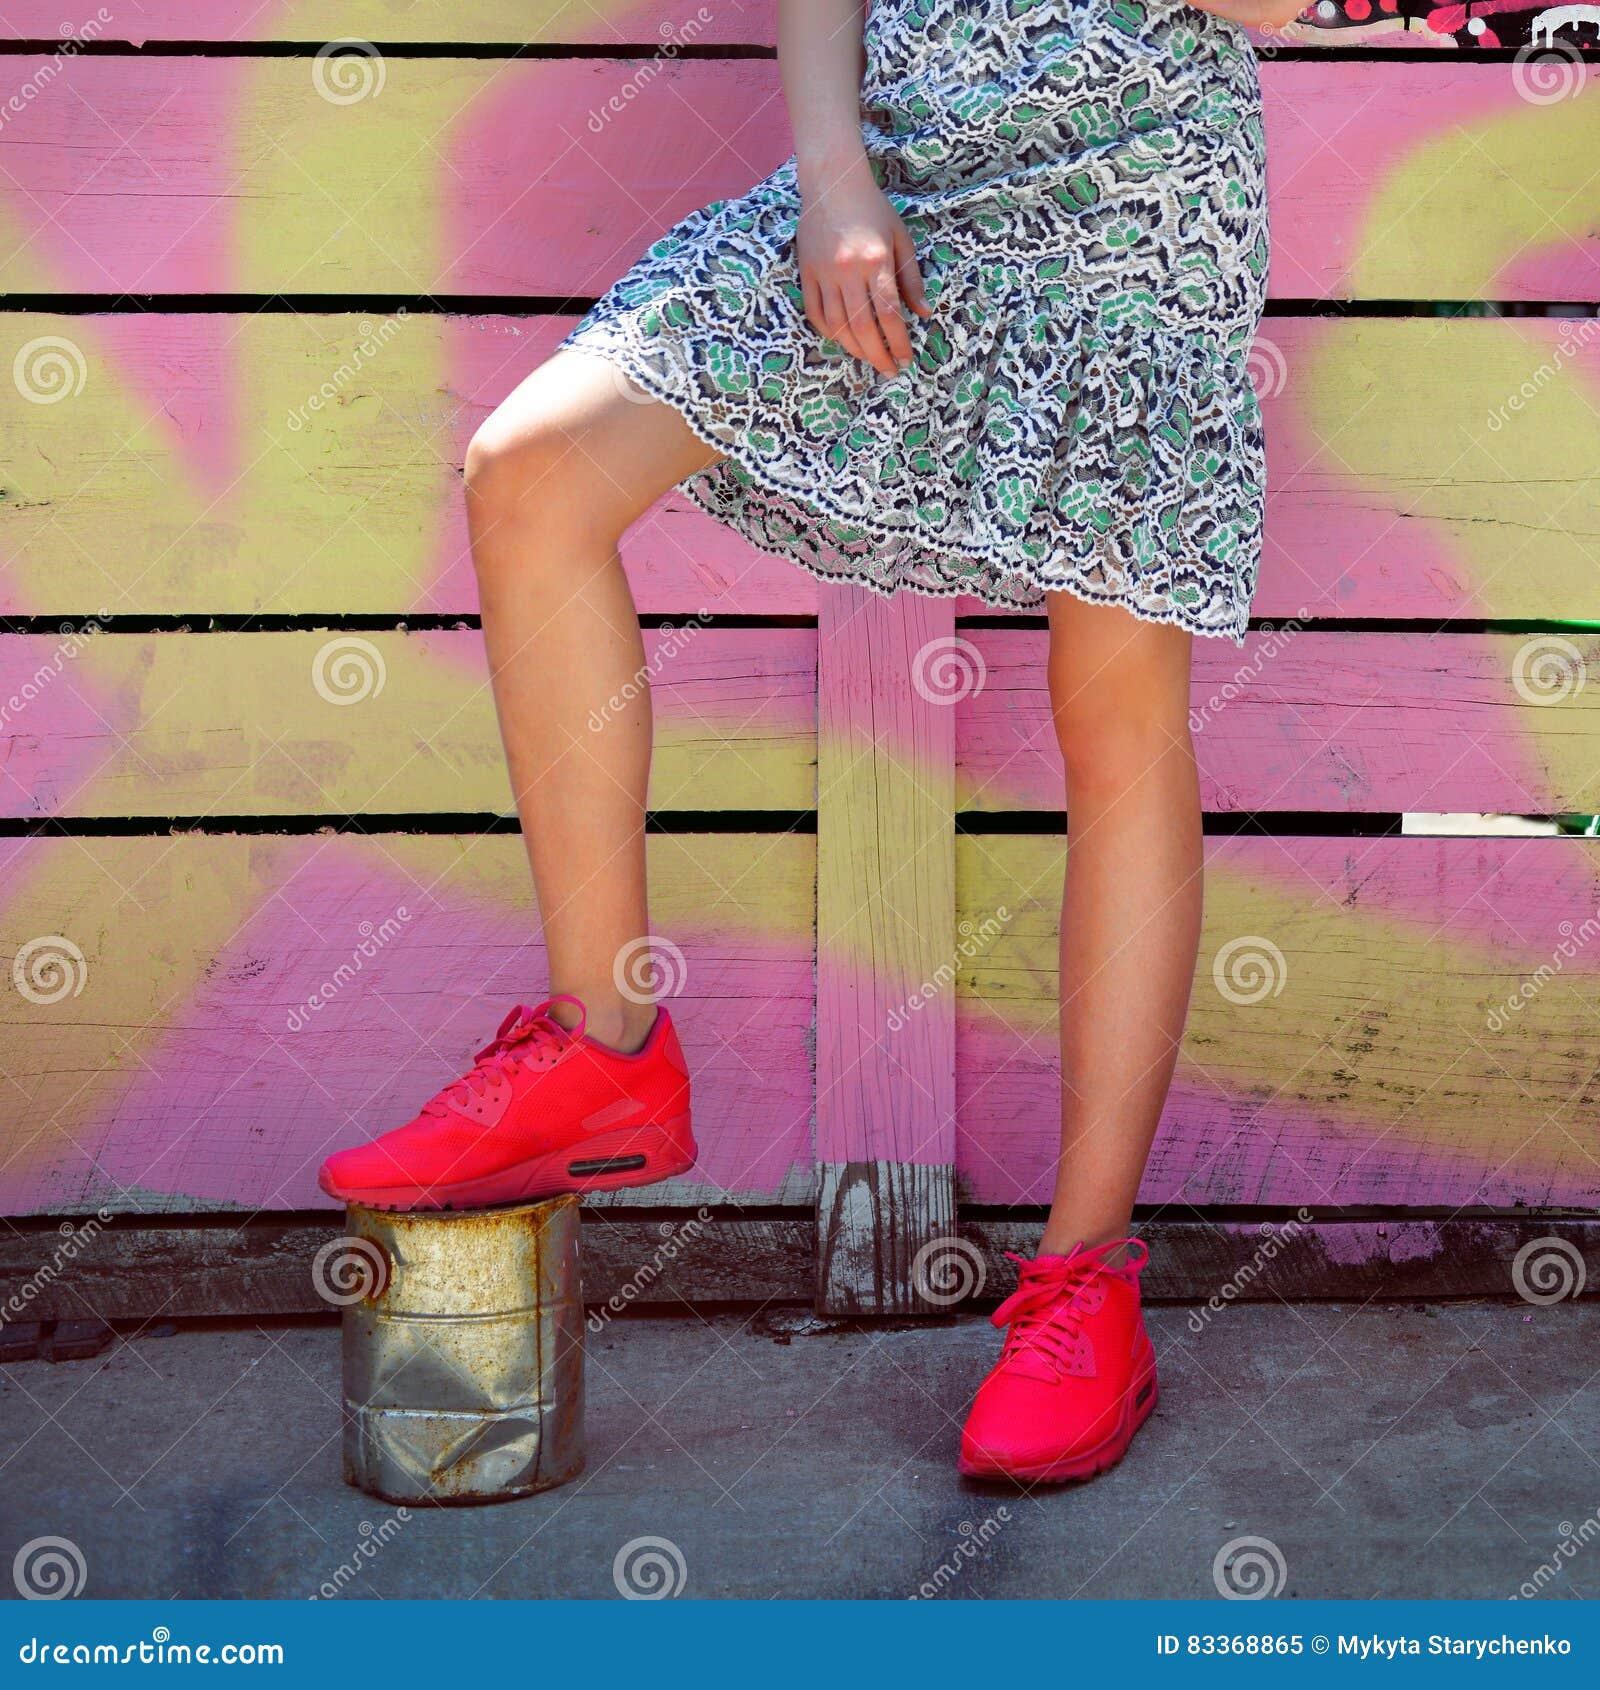 8b3bc49d0 Equipo femenino del estilo de la calle de moda con las zapatillas de  deporte y la